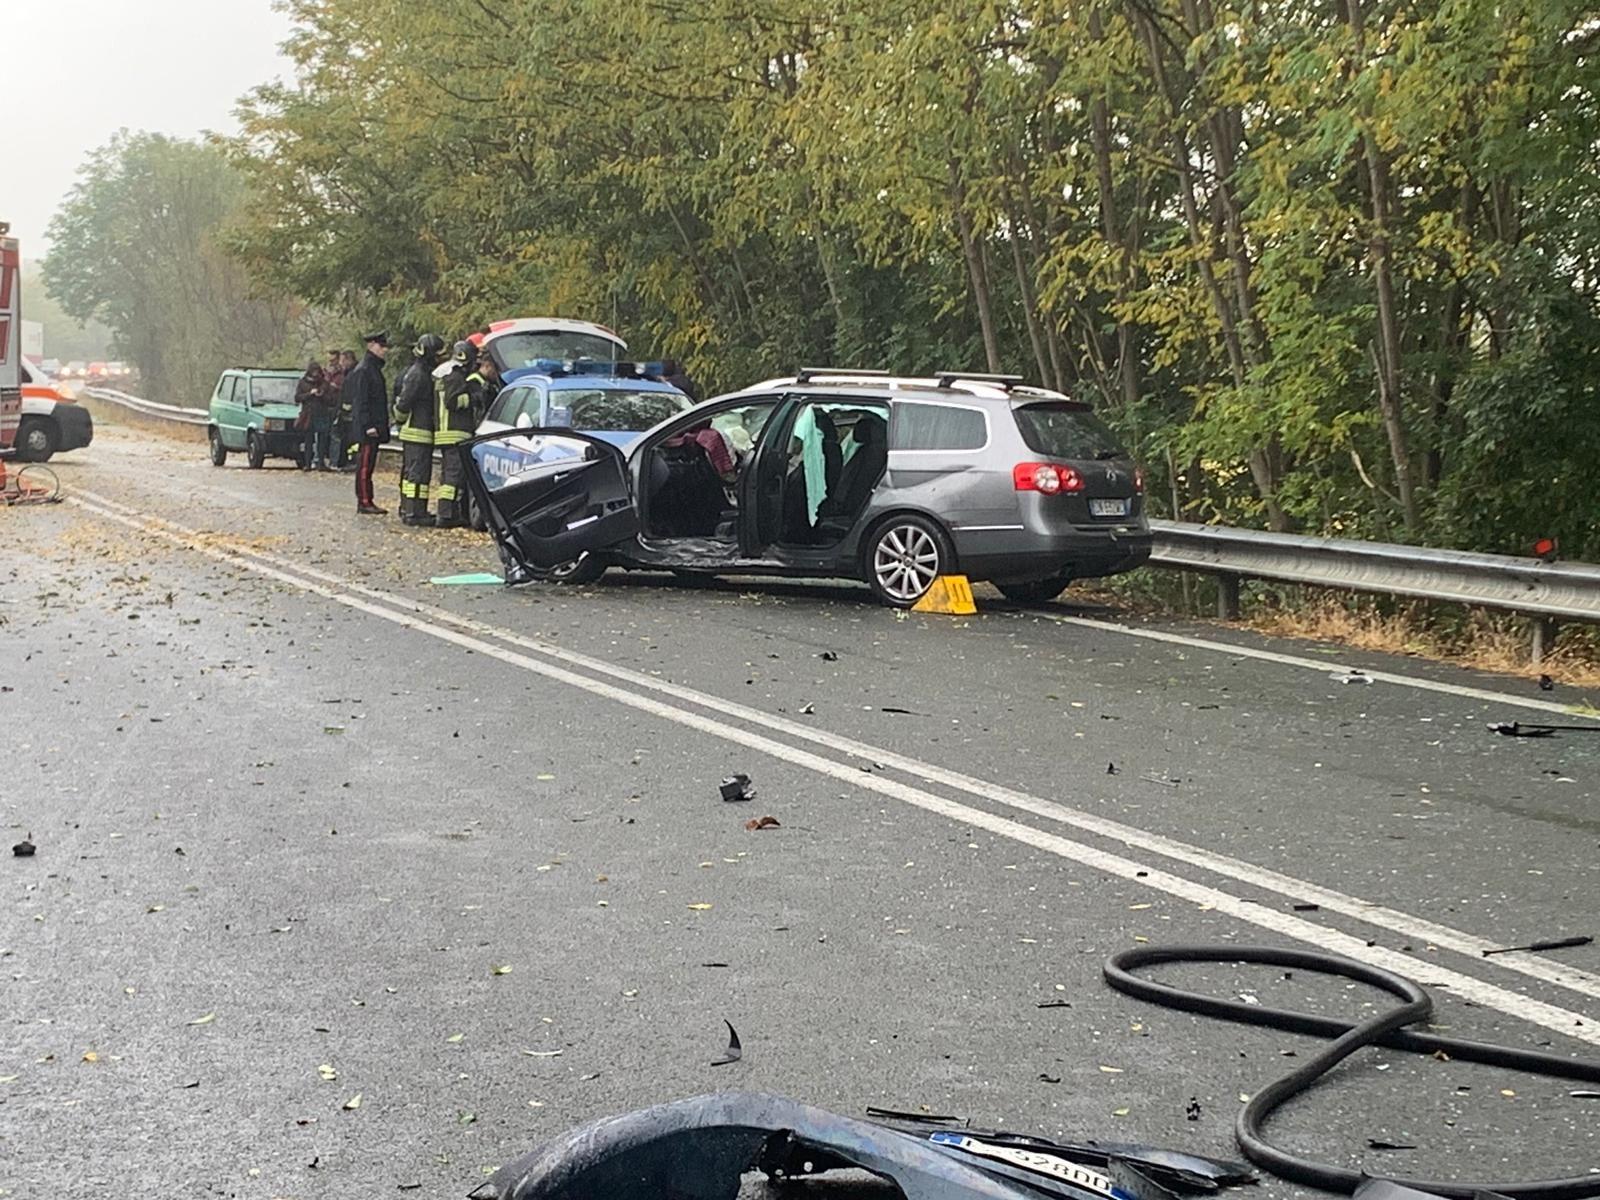 LEINI - 460 pericolosa: «Basta incidenti mortali su quella strada»